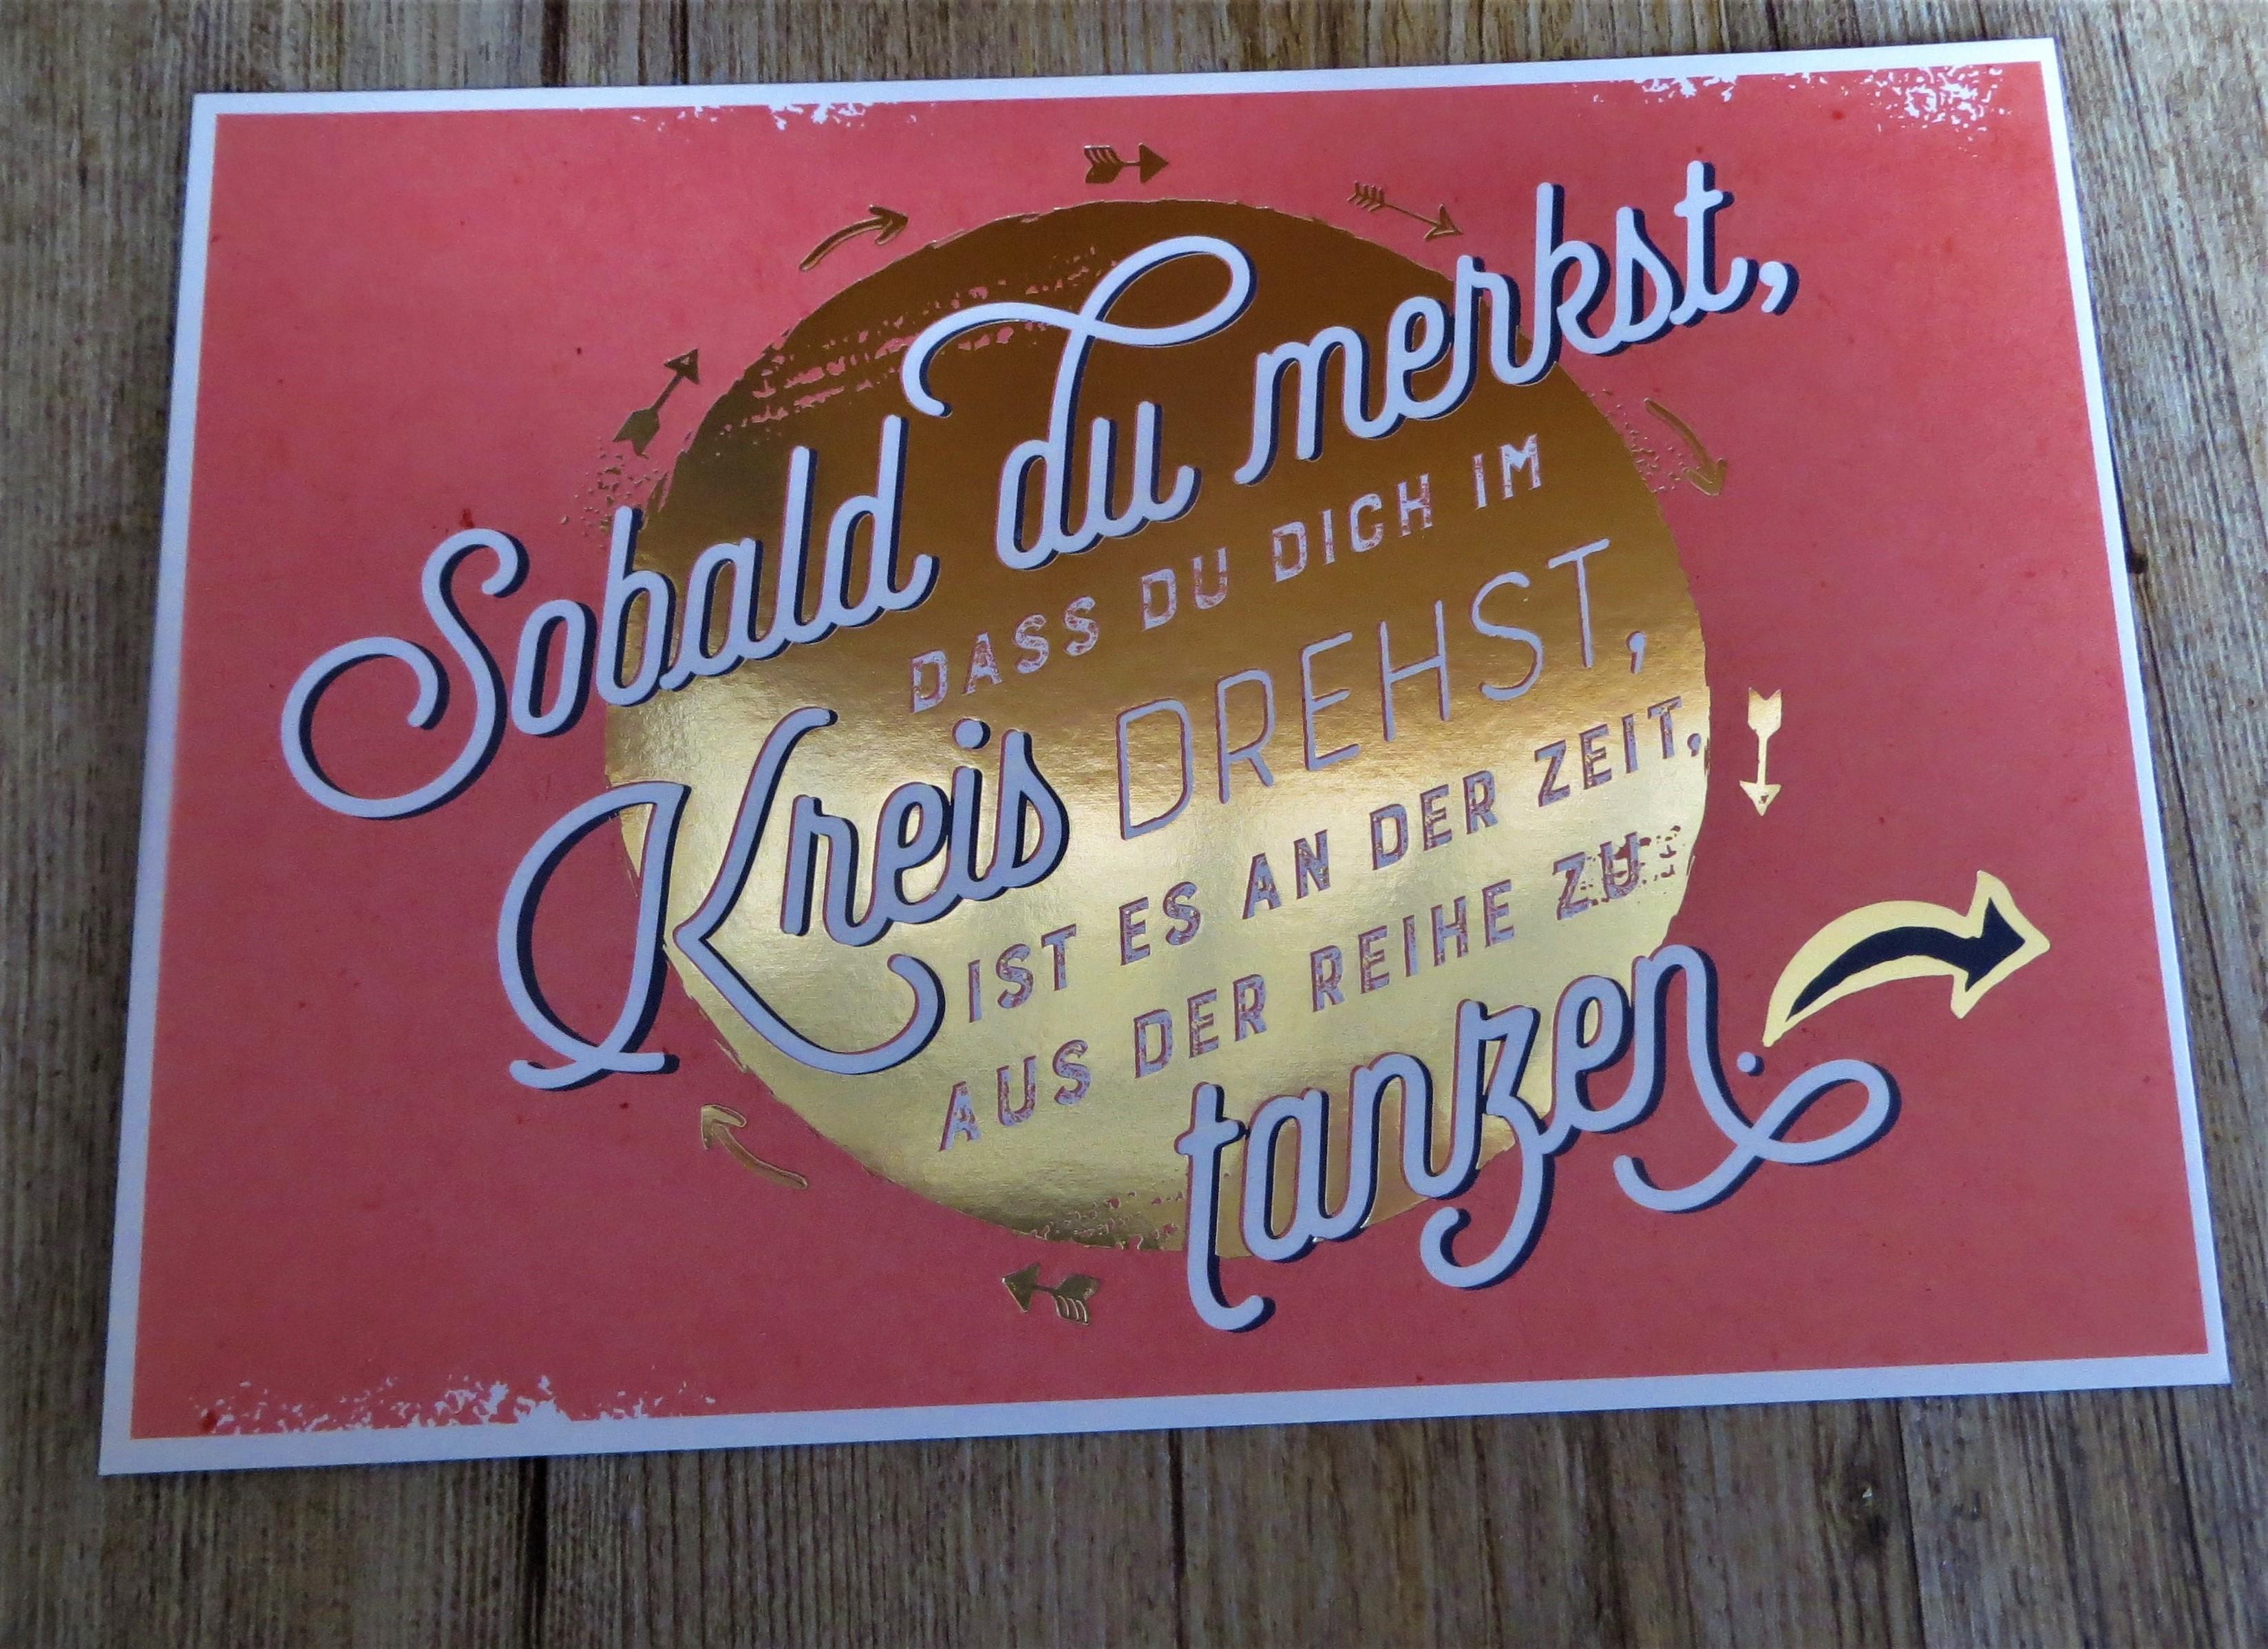 Nützlichgrusskarten - Postkarte Sobald du merkst dass du dich im Kreis drehst ist es an der Zeit aus der Reihe zu tanz - Onlineshop Tante Emmer